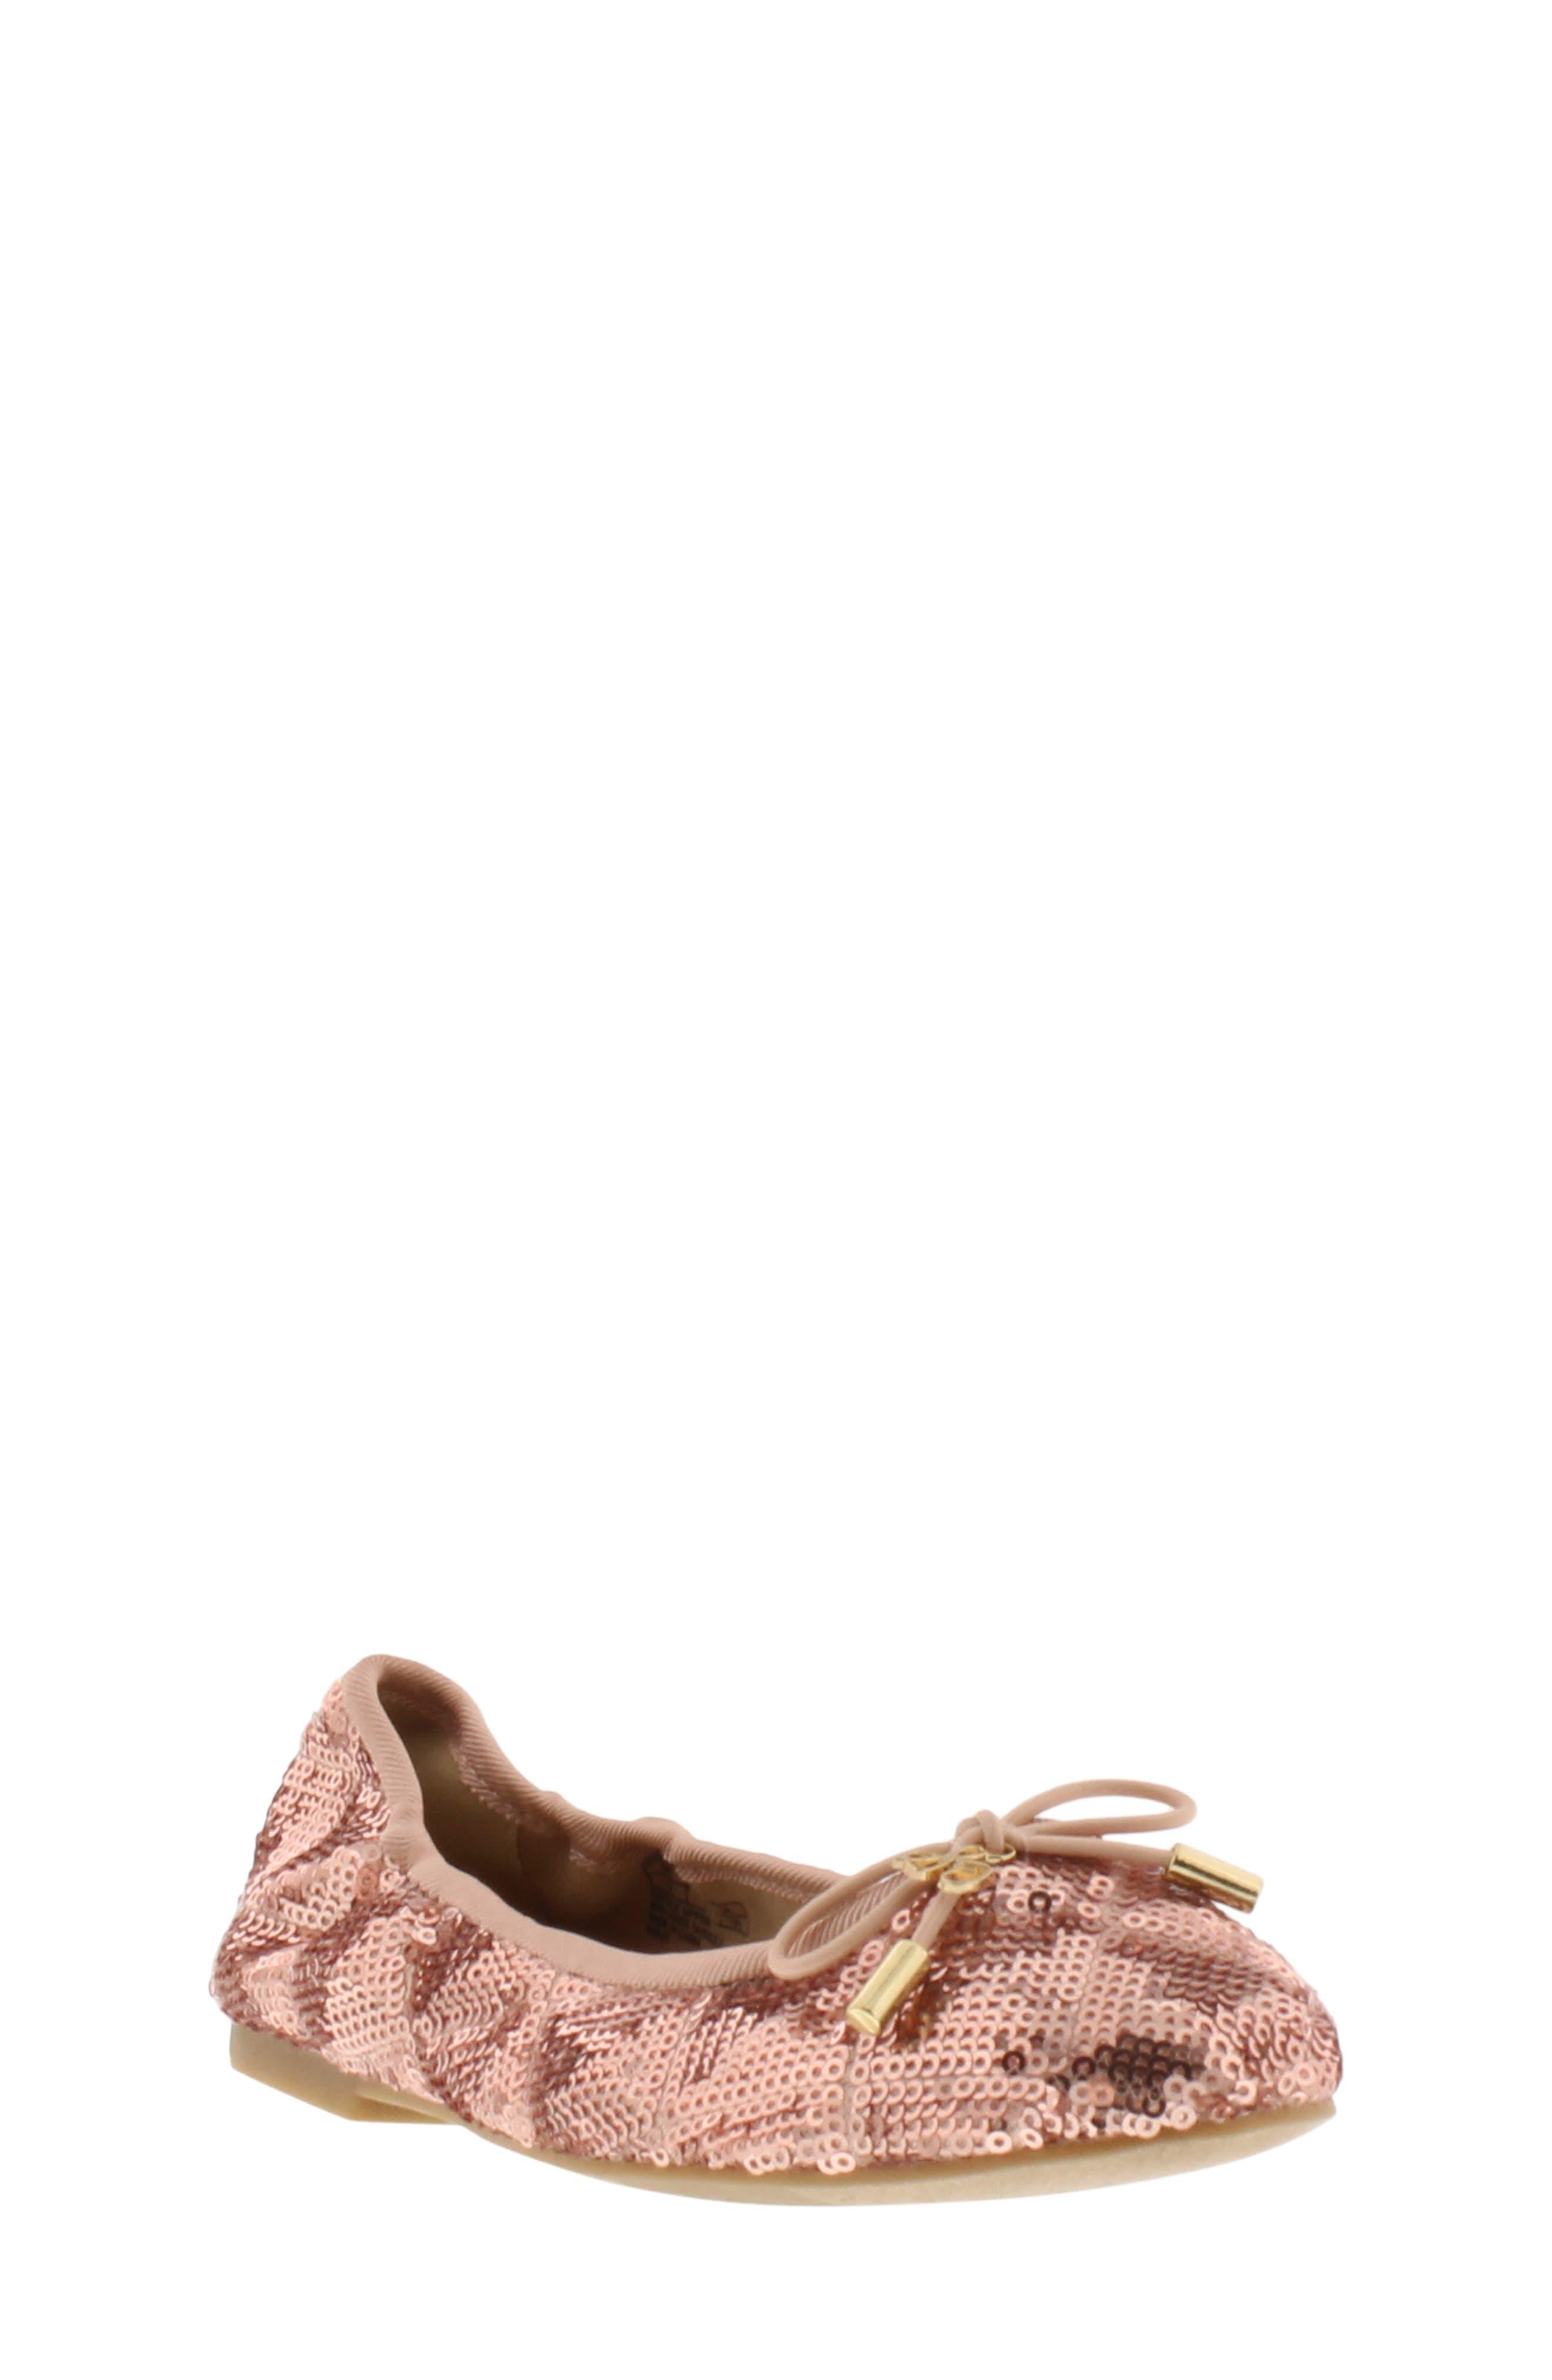 SAM EDELMAN, Felicia Sequin Ballet Flat, Main thumbnail 1, color, ROSE GOLD